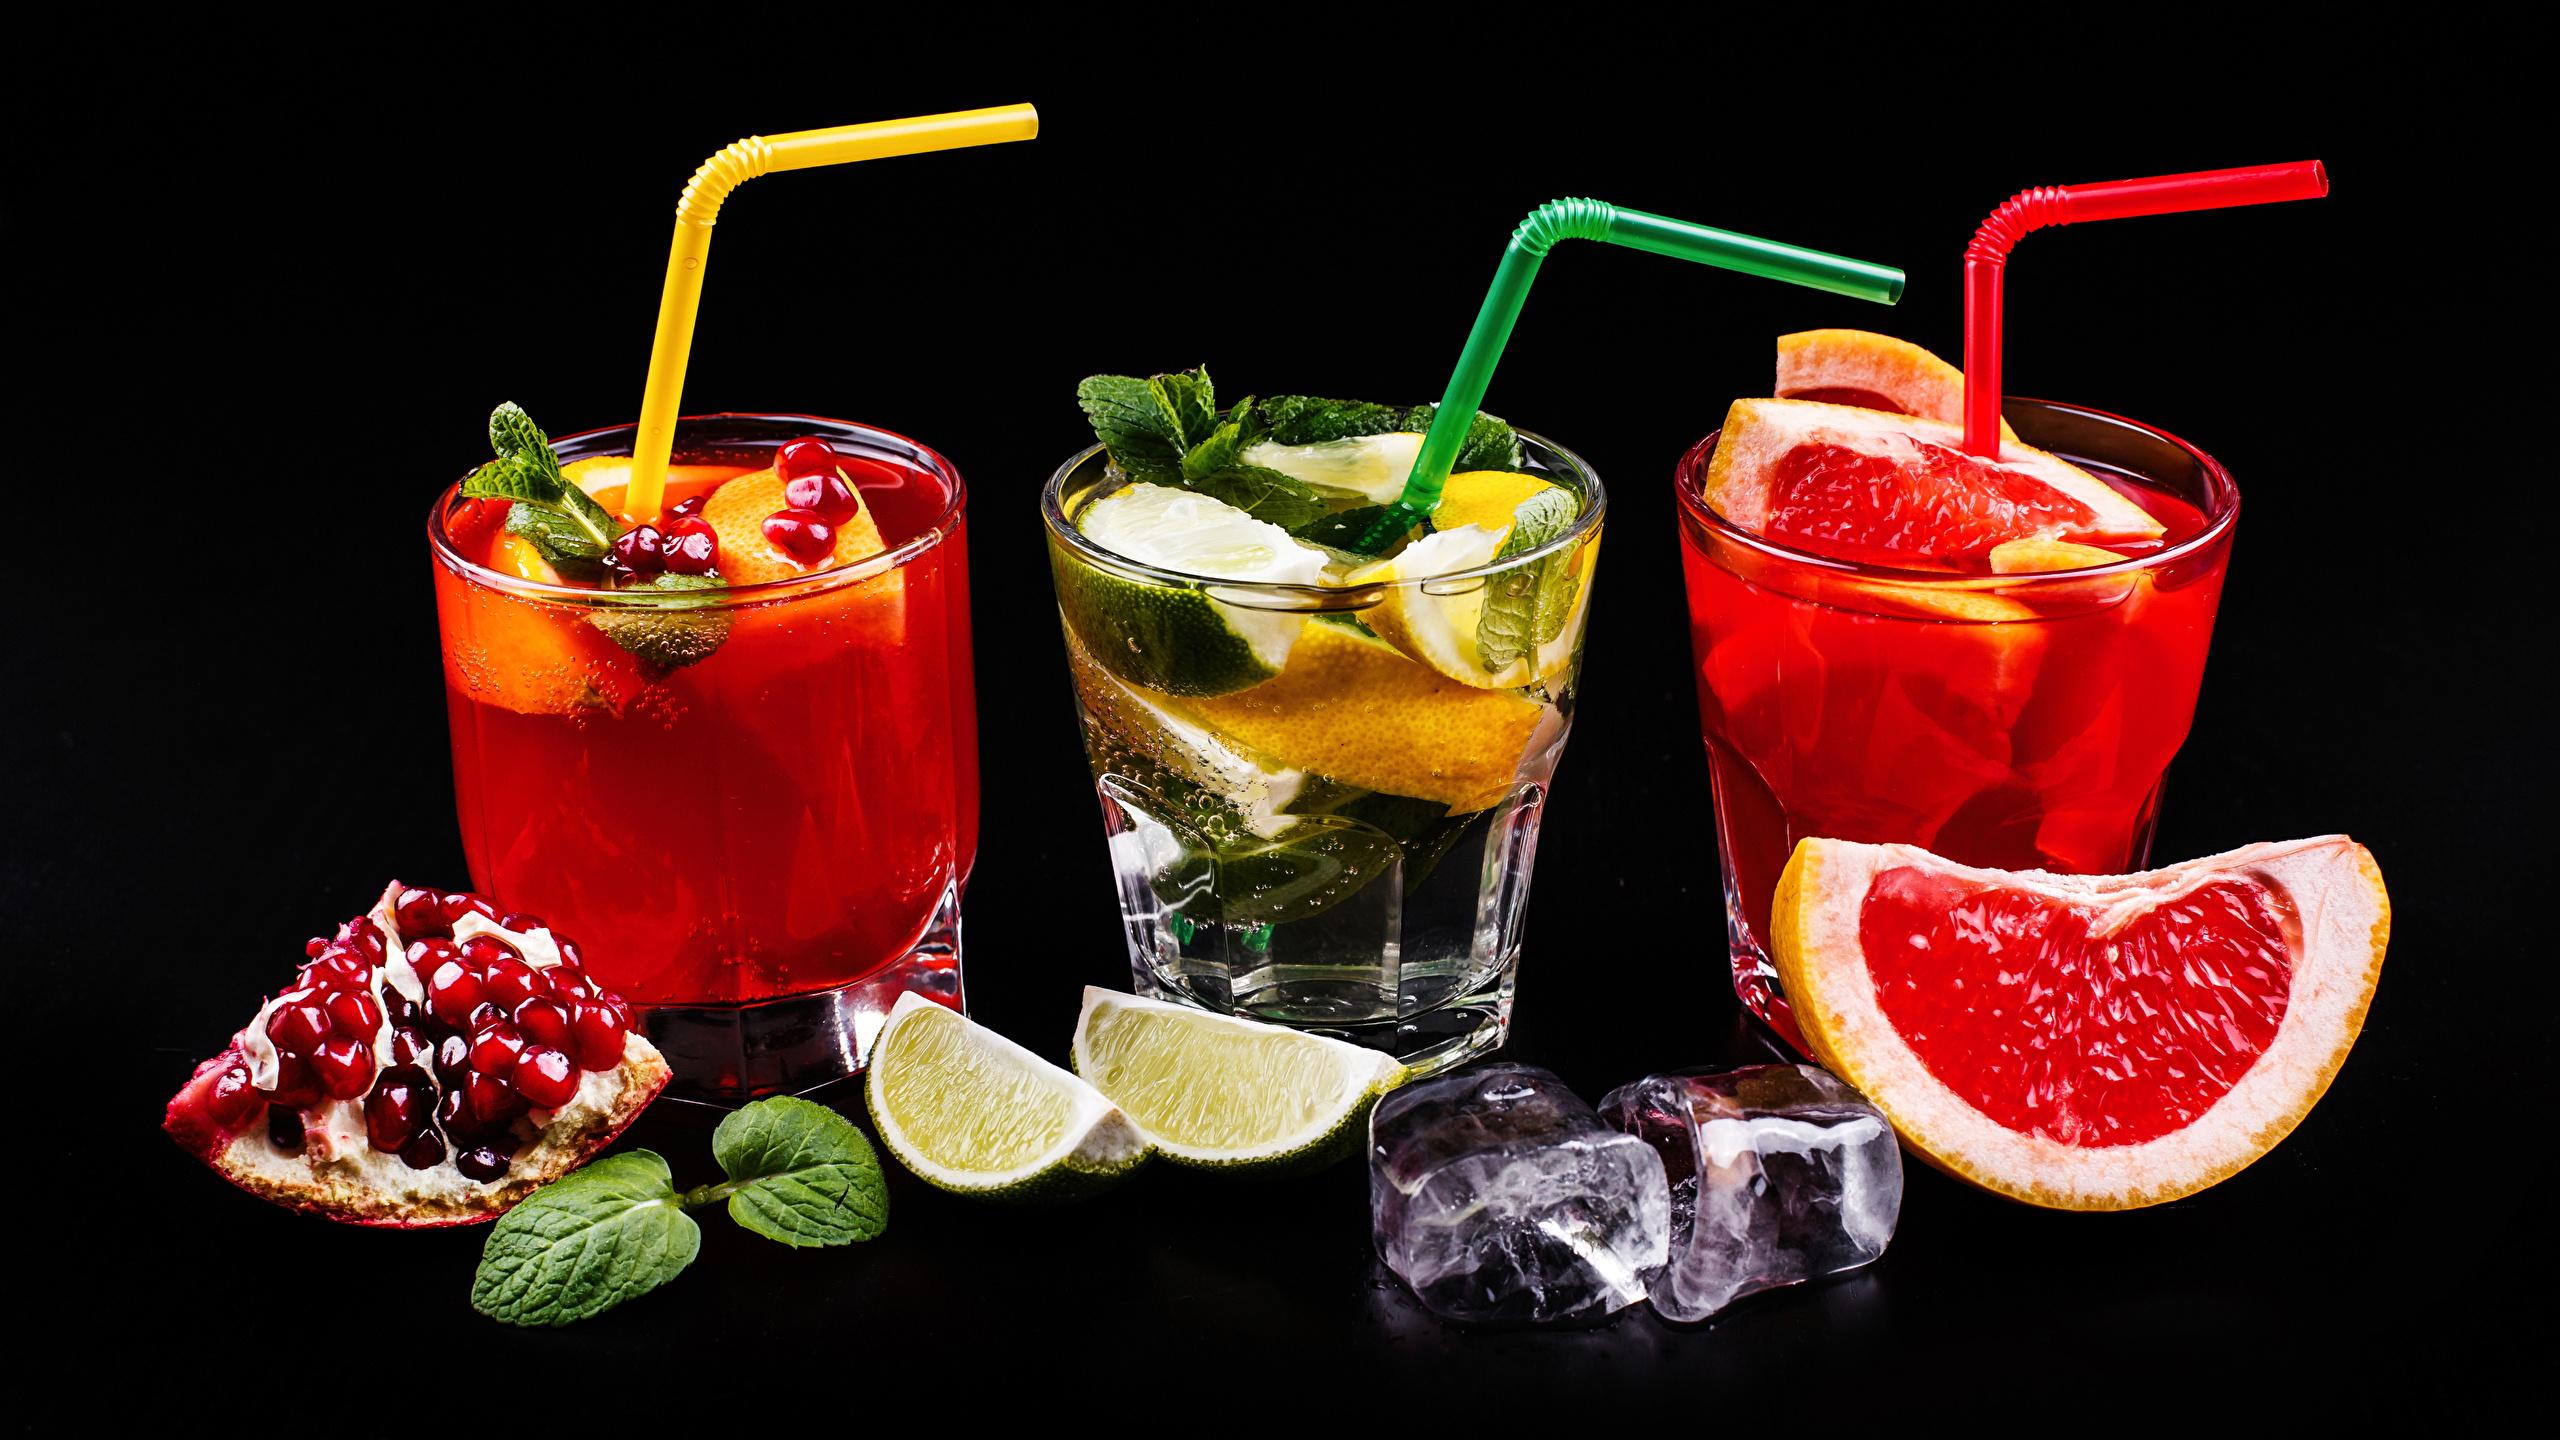 Обои Алкогольные напитки льда Лайм Грейпфрут Стакан Гранат Трое 3 Коктейль Продукты питания Черный фон 2560x1440 Лед стакана стакане Еда Пища втроем